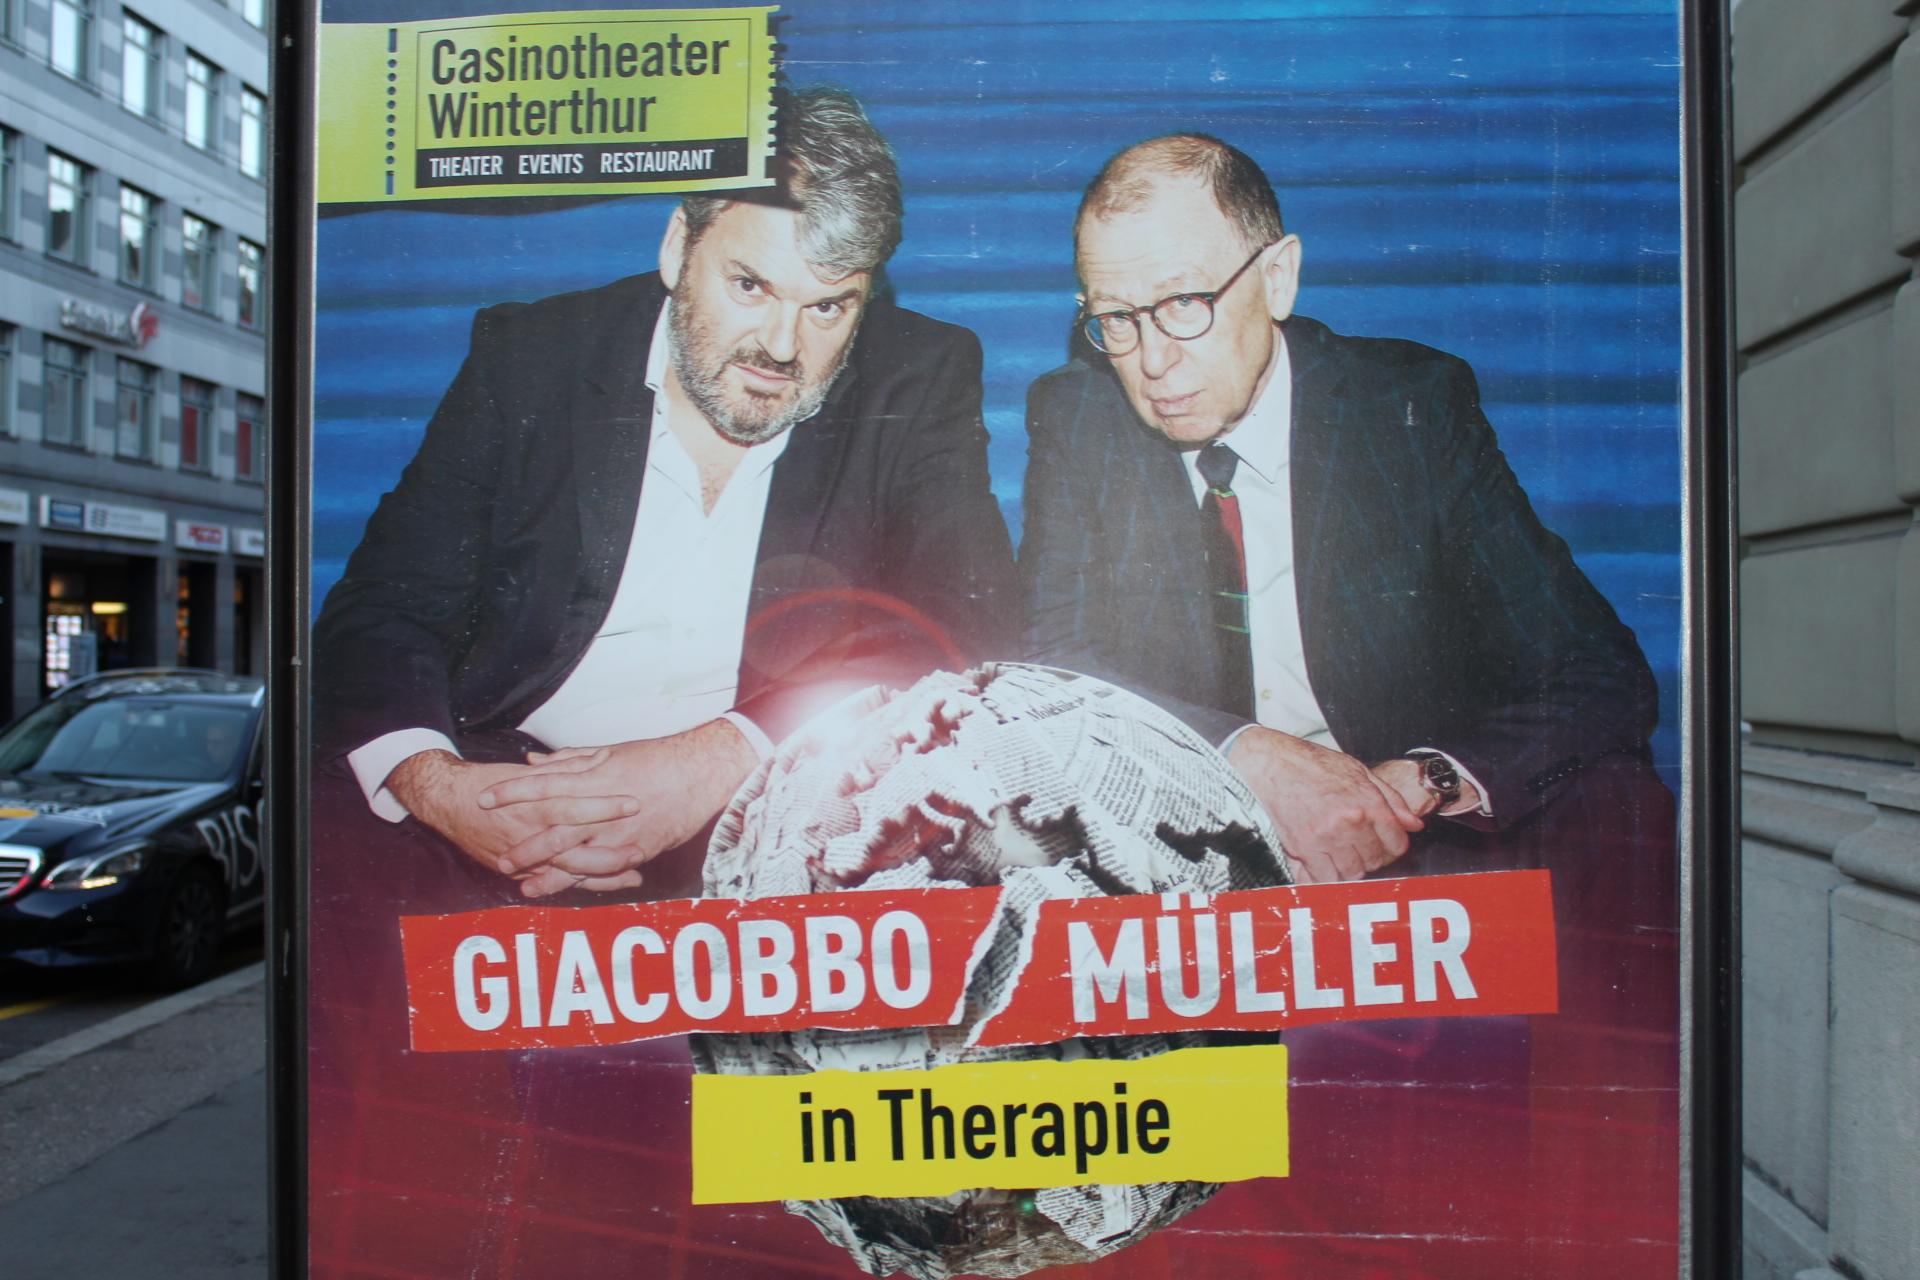 GiacobboMueller1.JPG